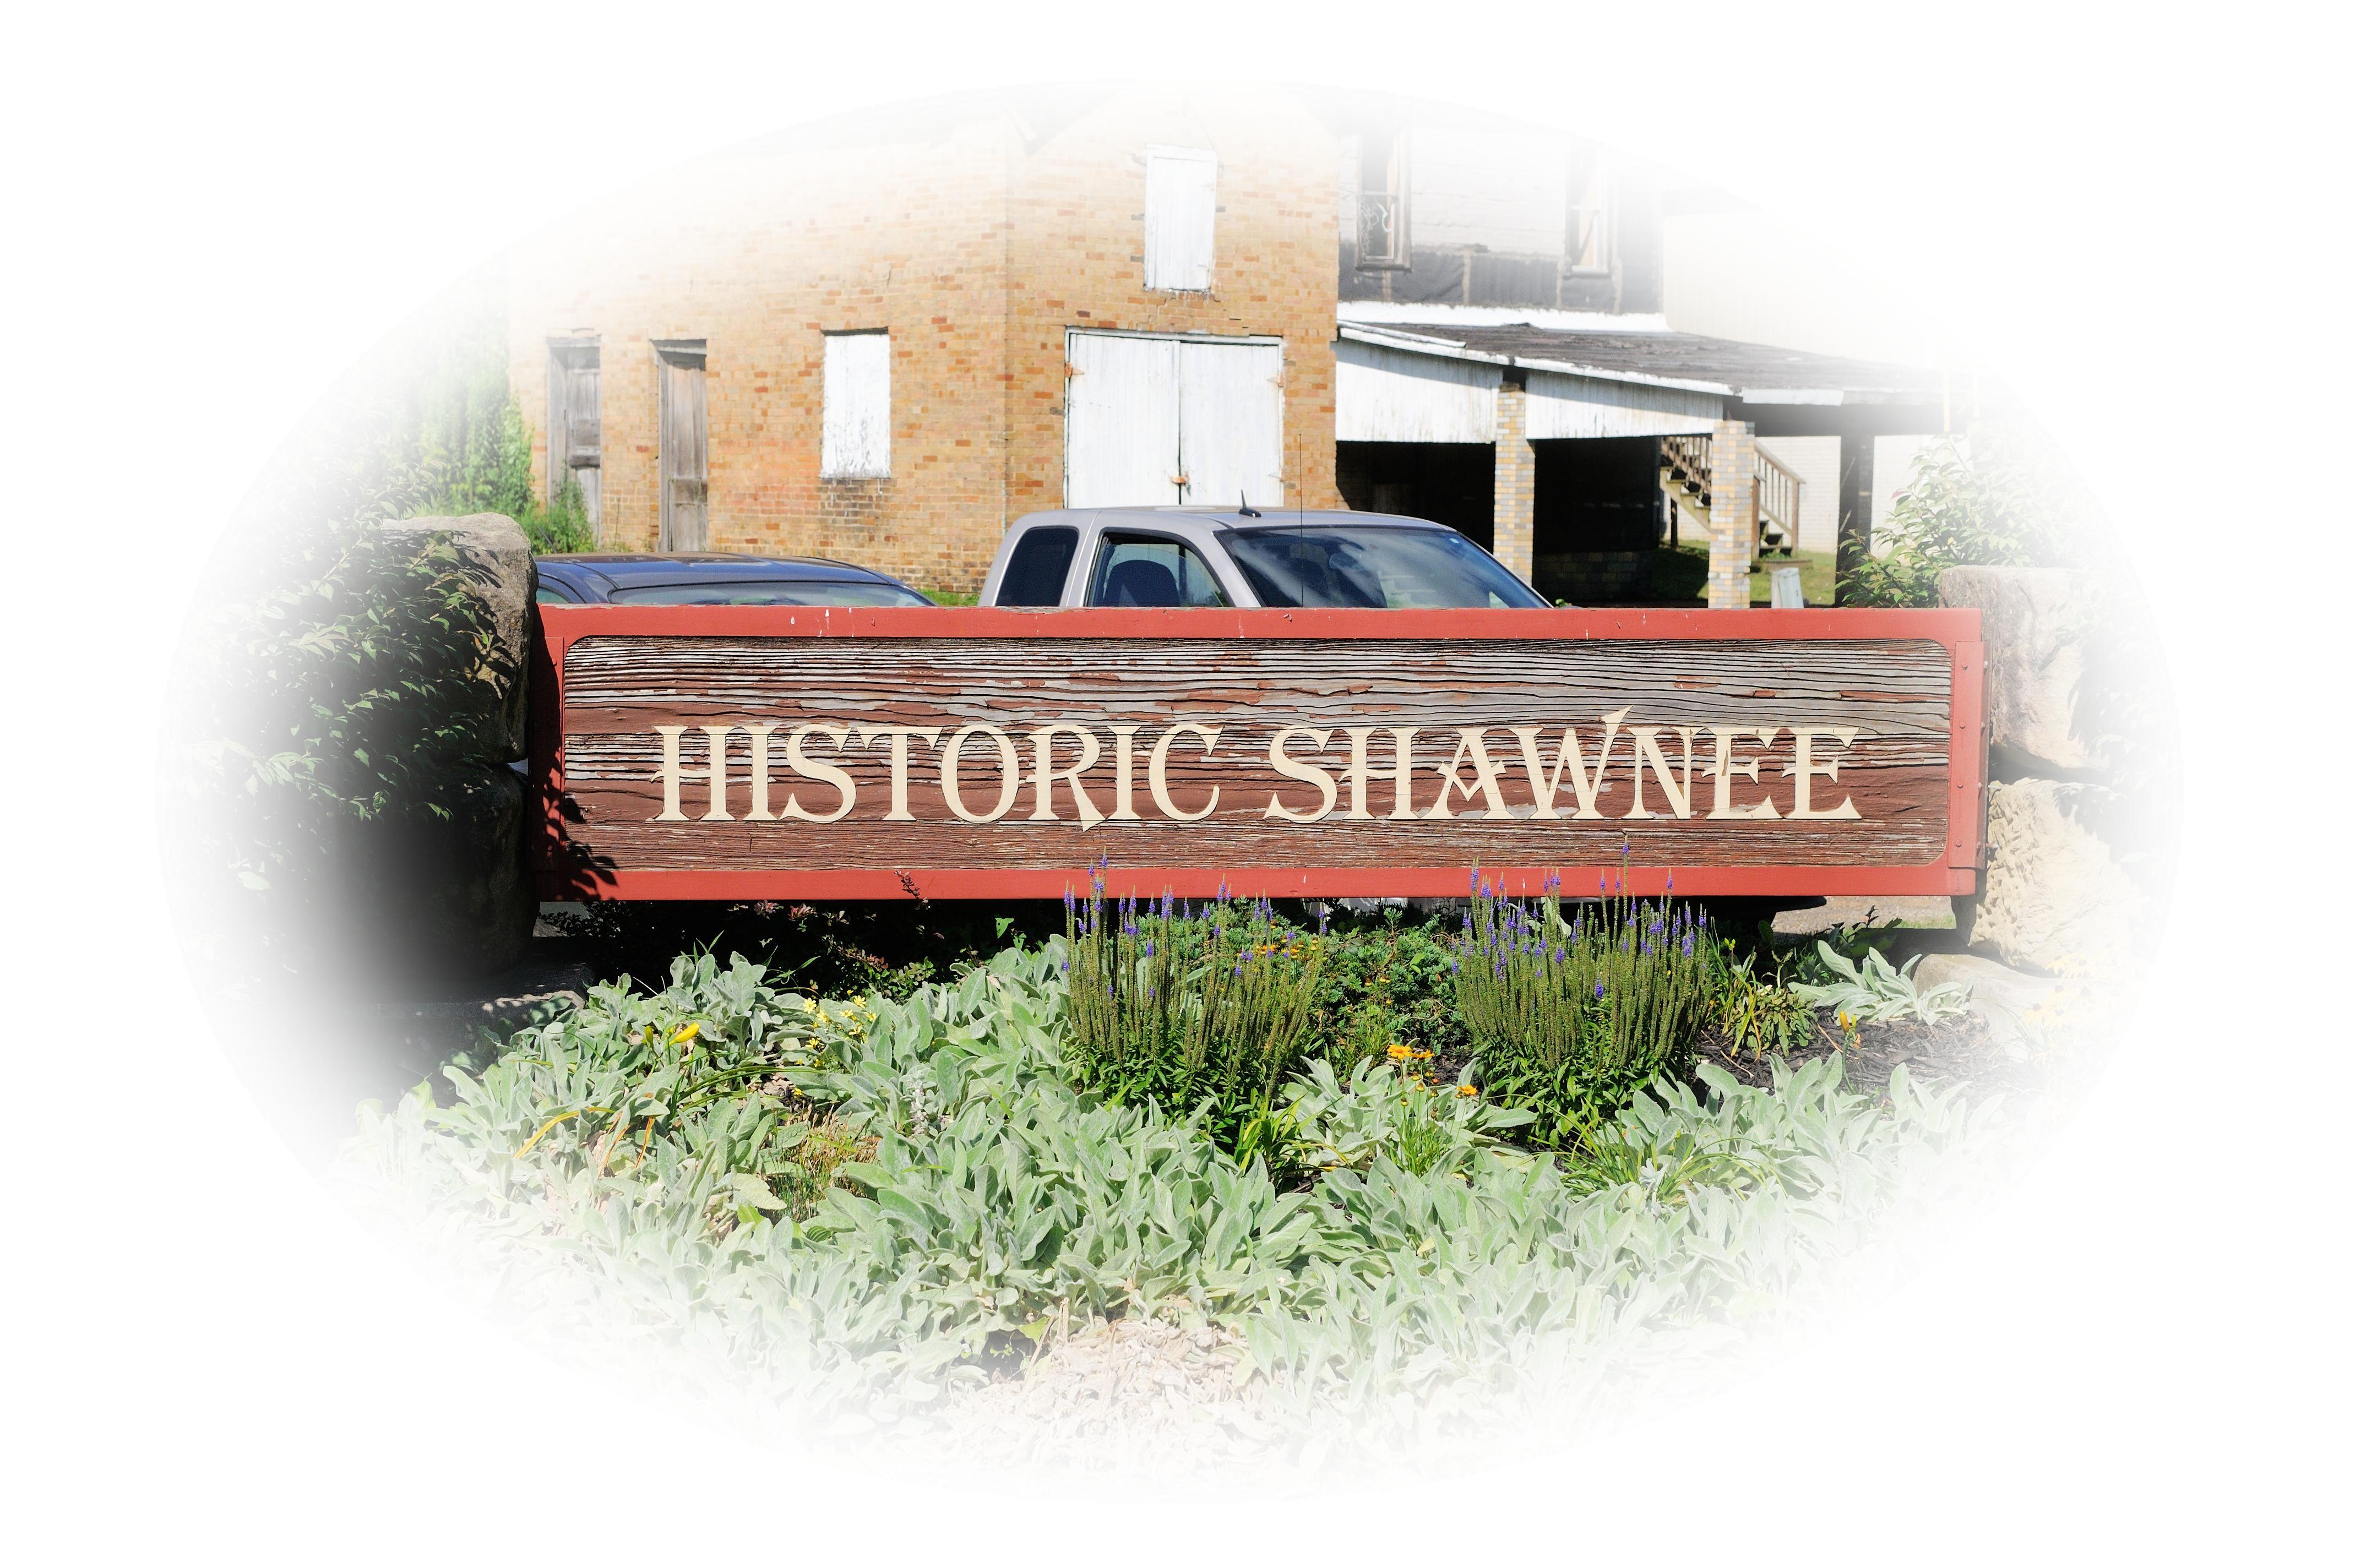 Spaghetti Dinner Fundraiser for Shawnee Veteran Banners   Thursday, July 29, 2021